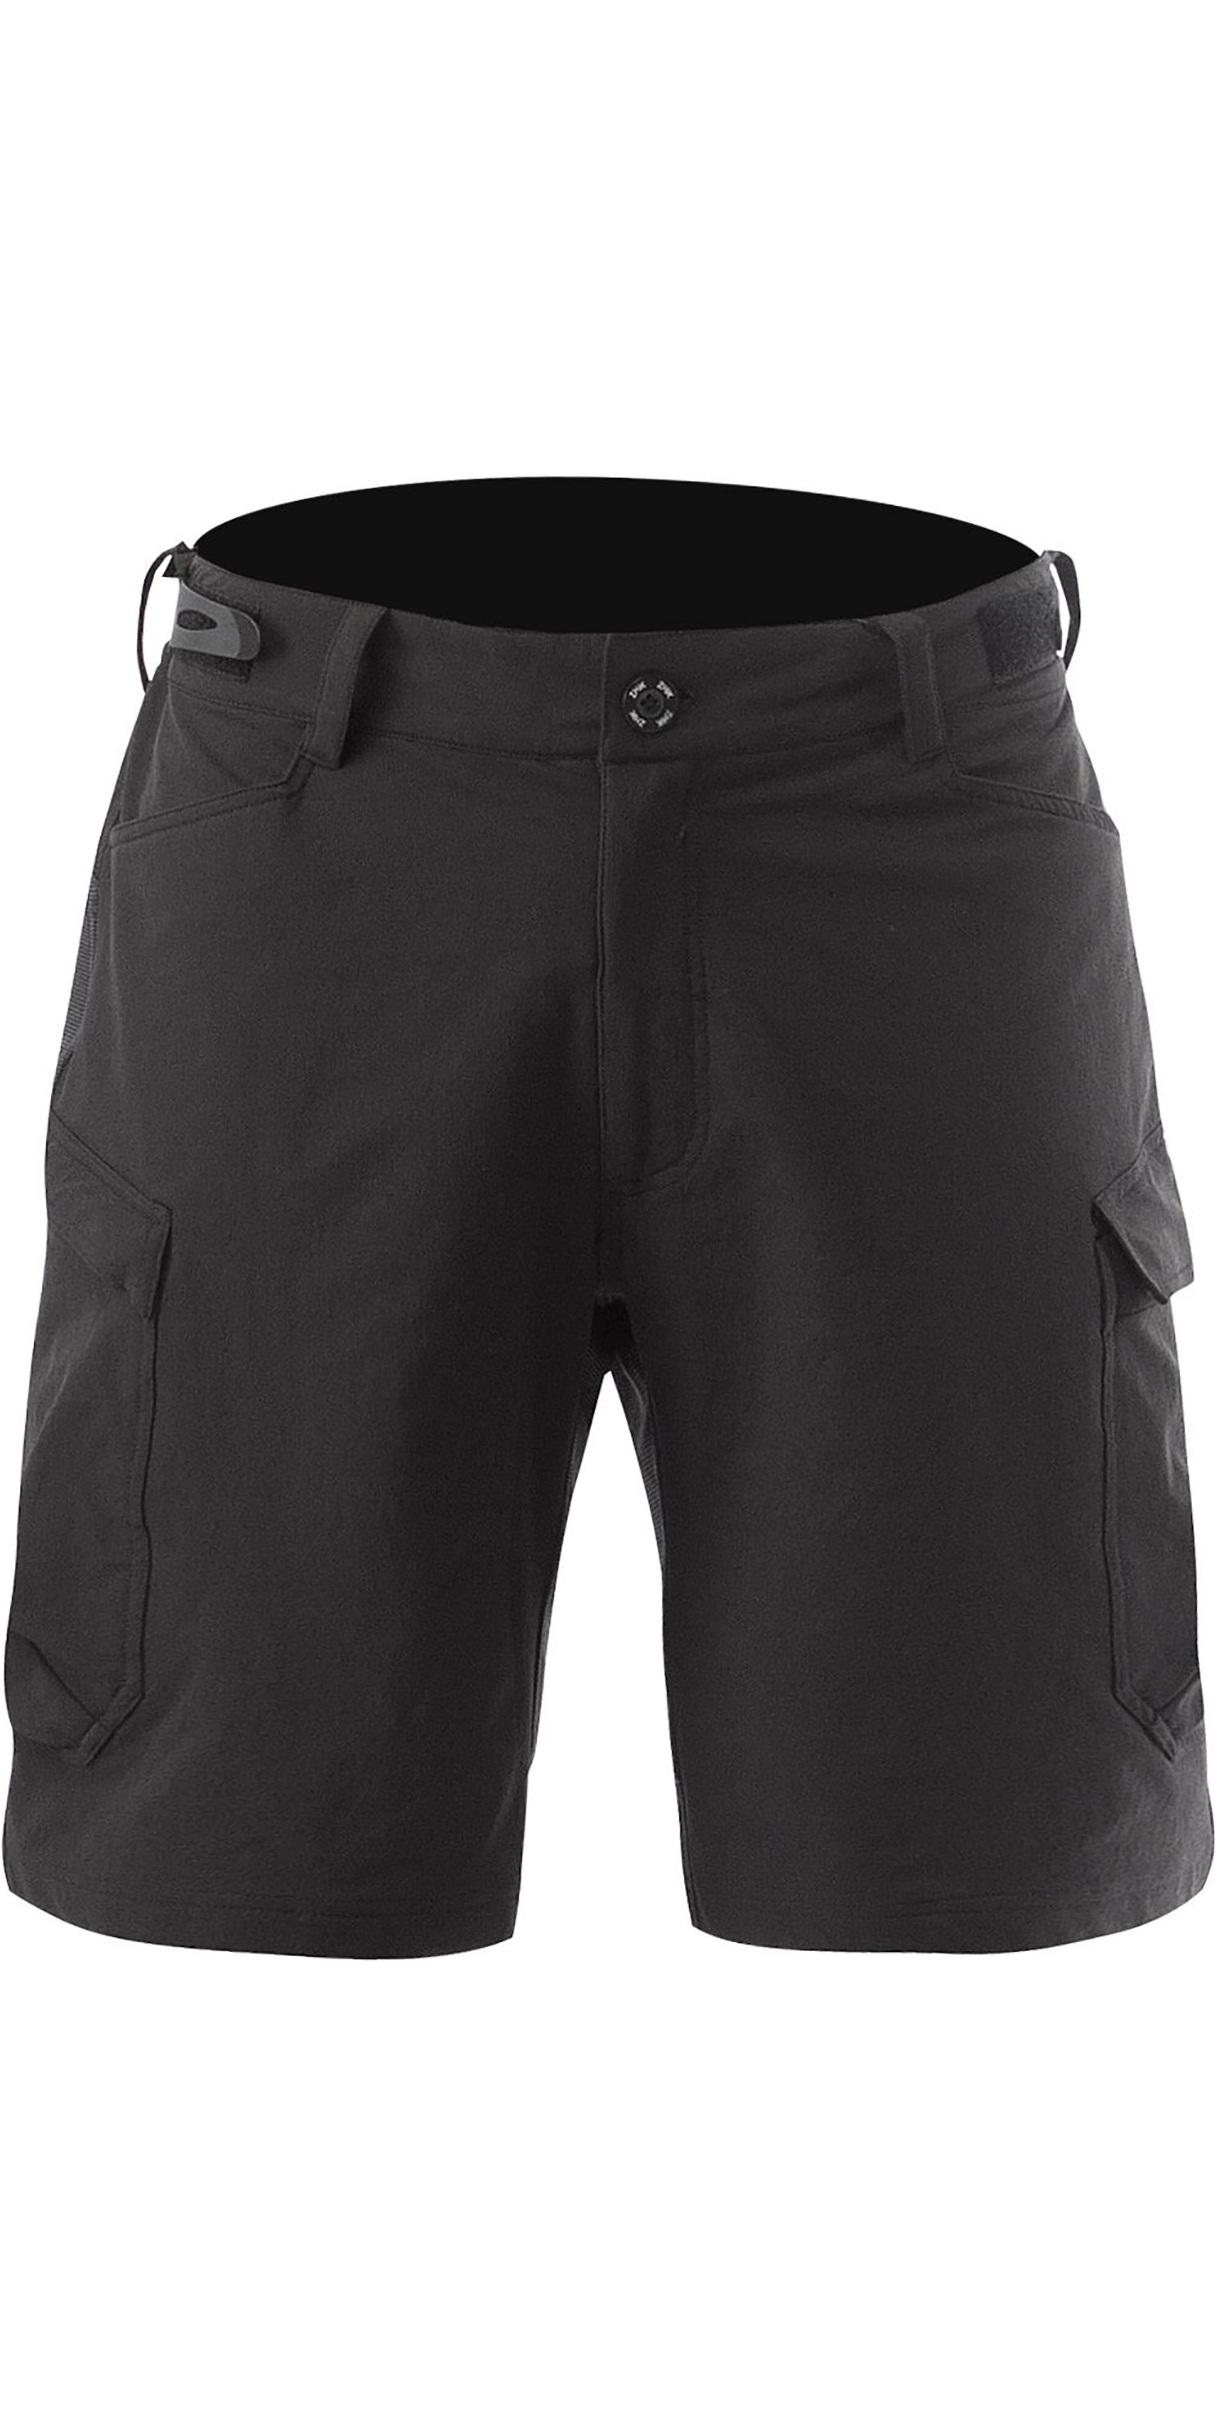 het meest geliefd online winkel outlet te koop 2019 Zhik Heren Technical Deck Shorts Zwart SRT0370